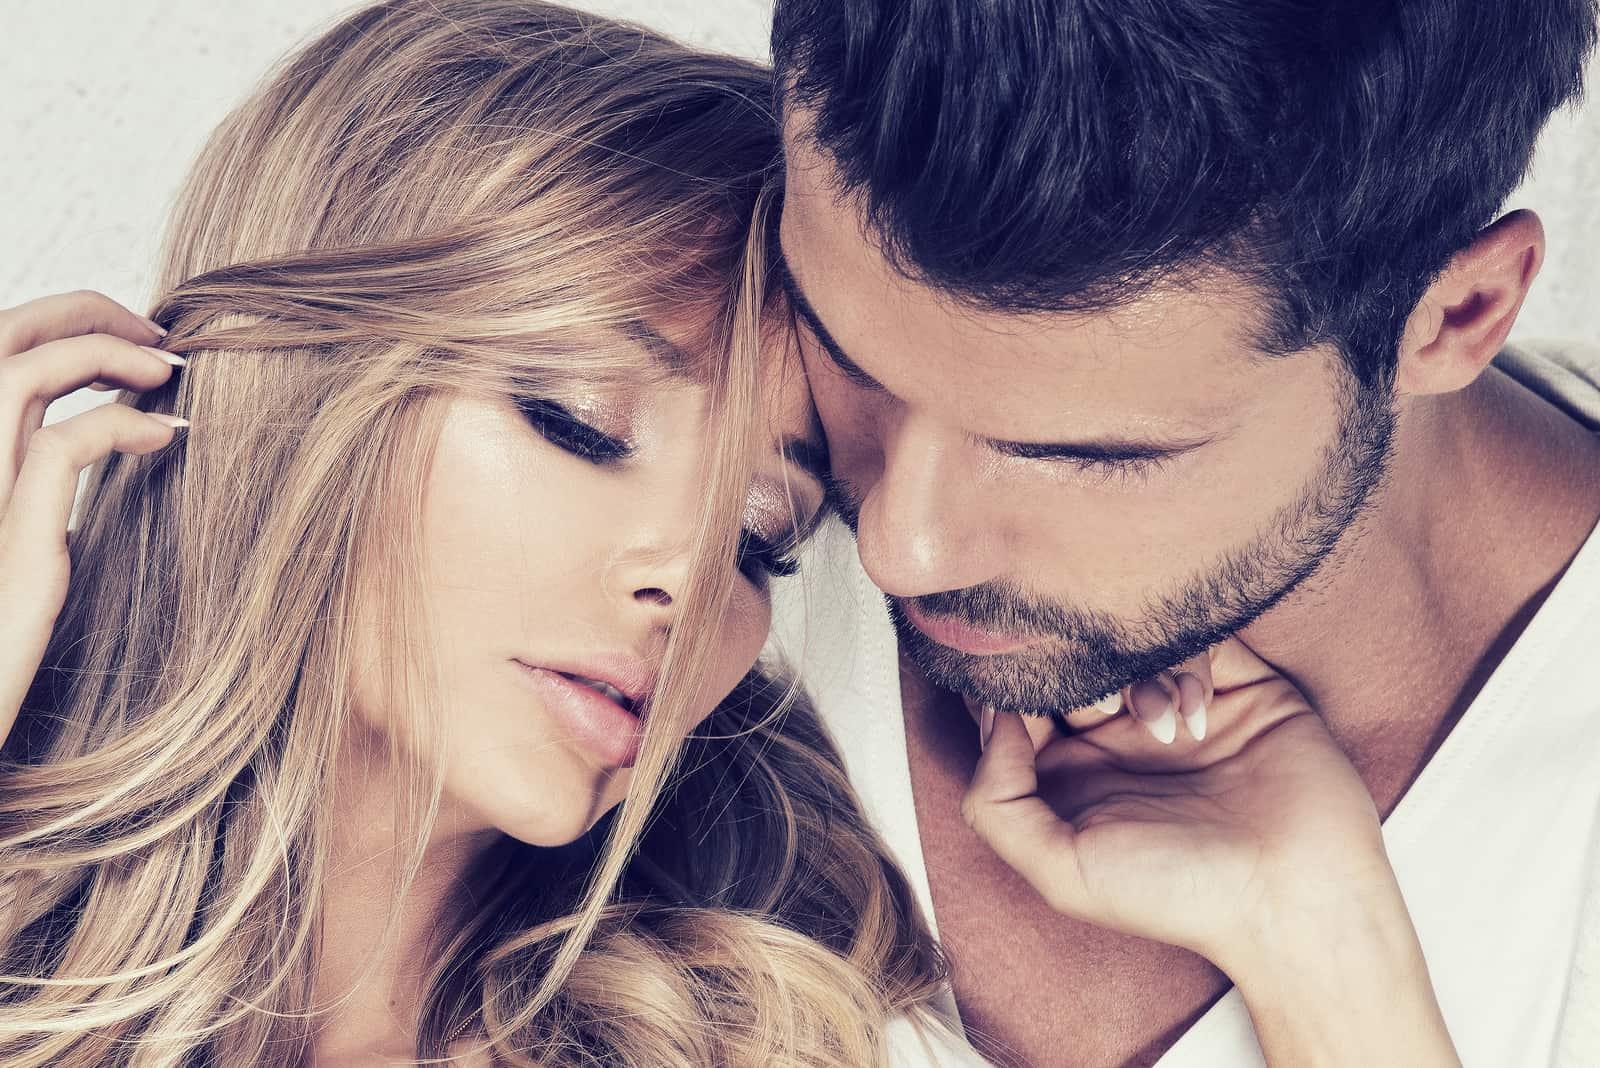 ein attraktives verliebtes Paar